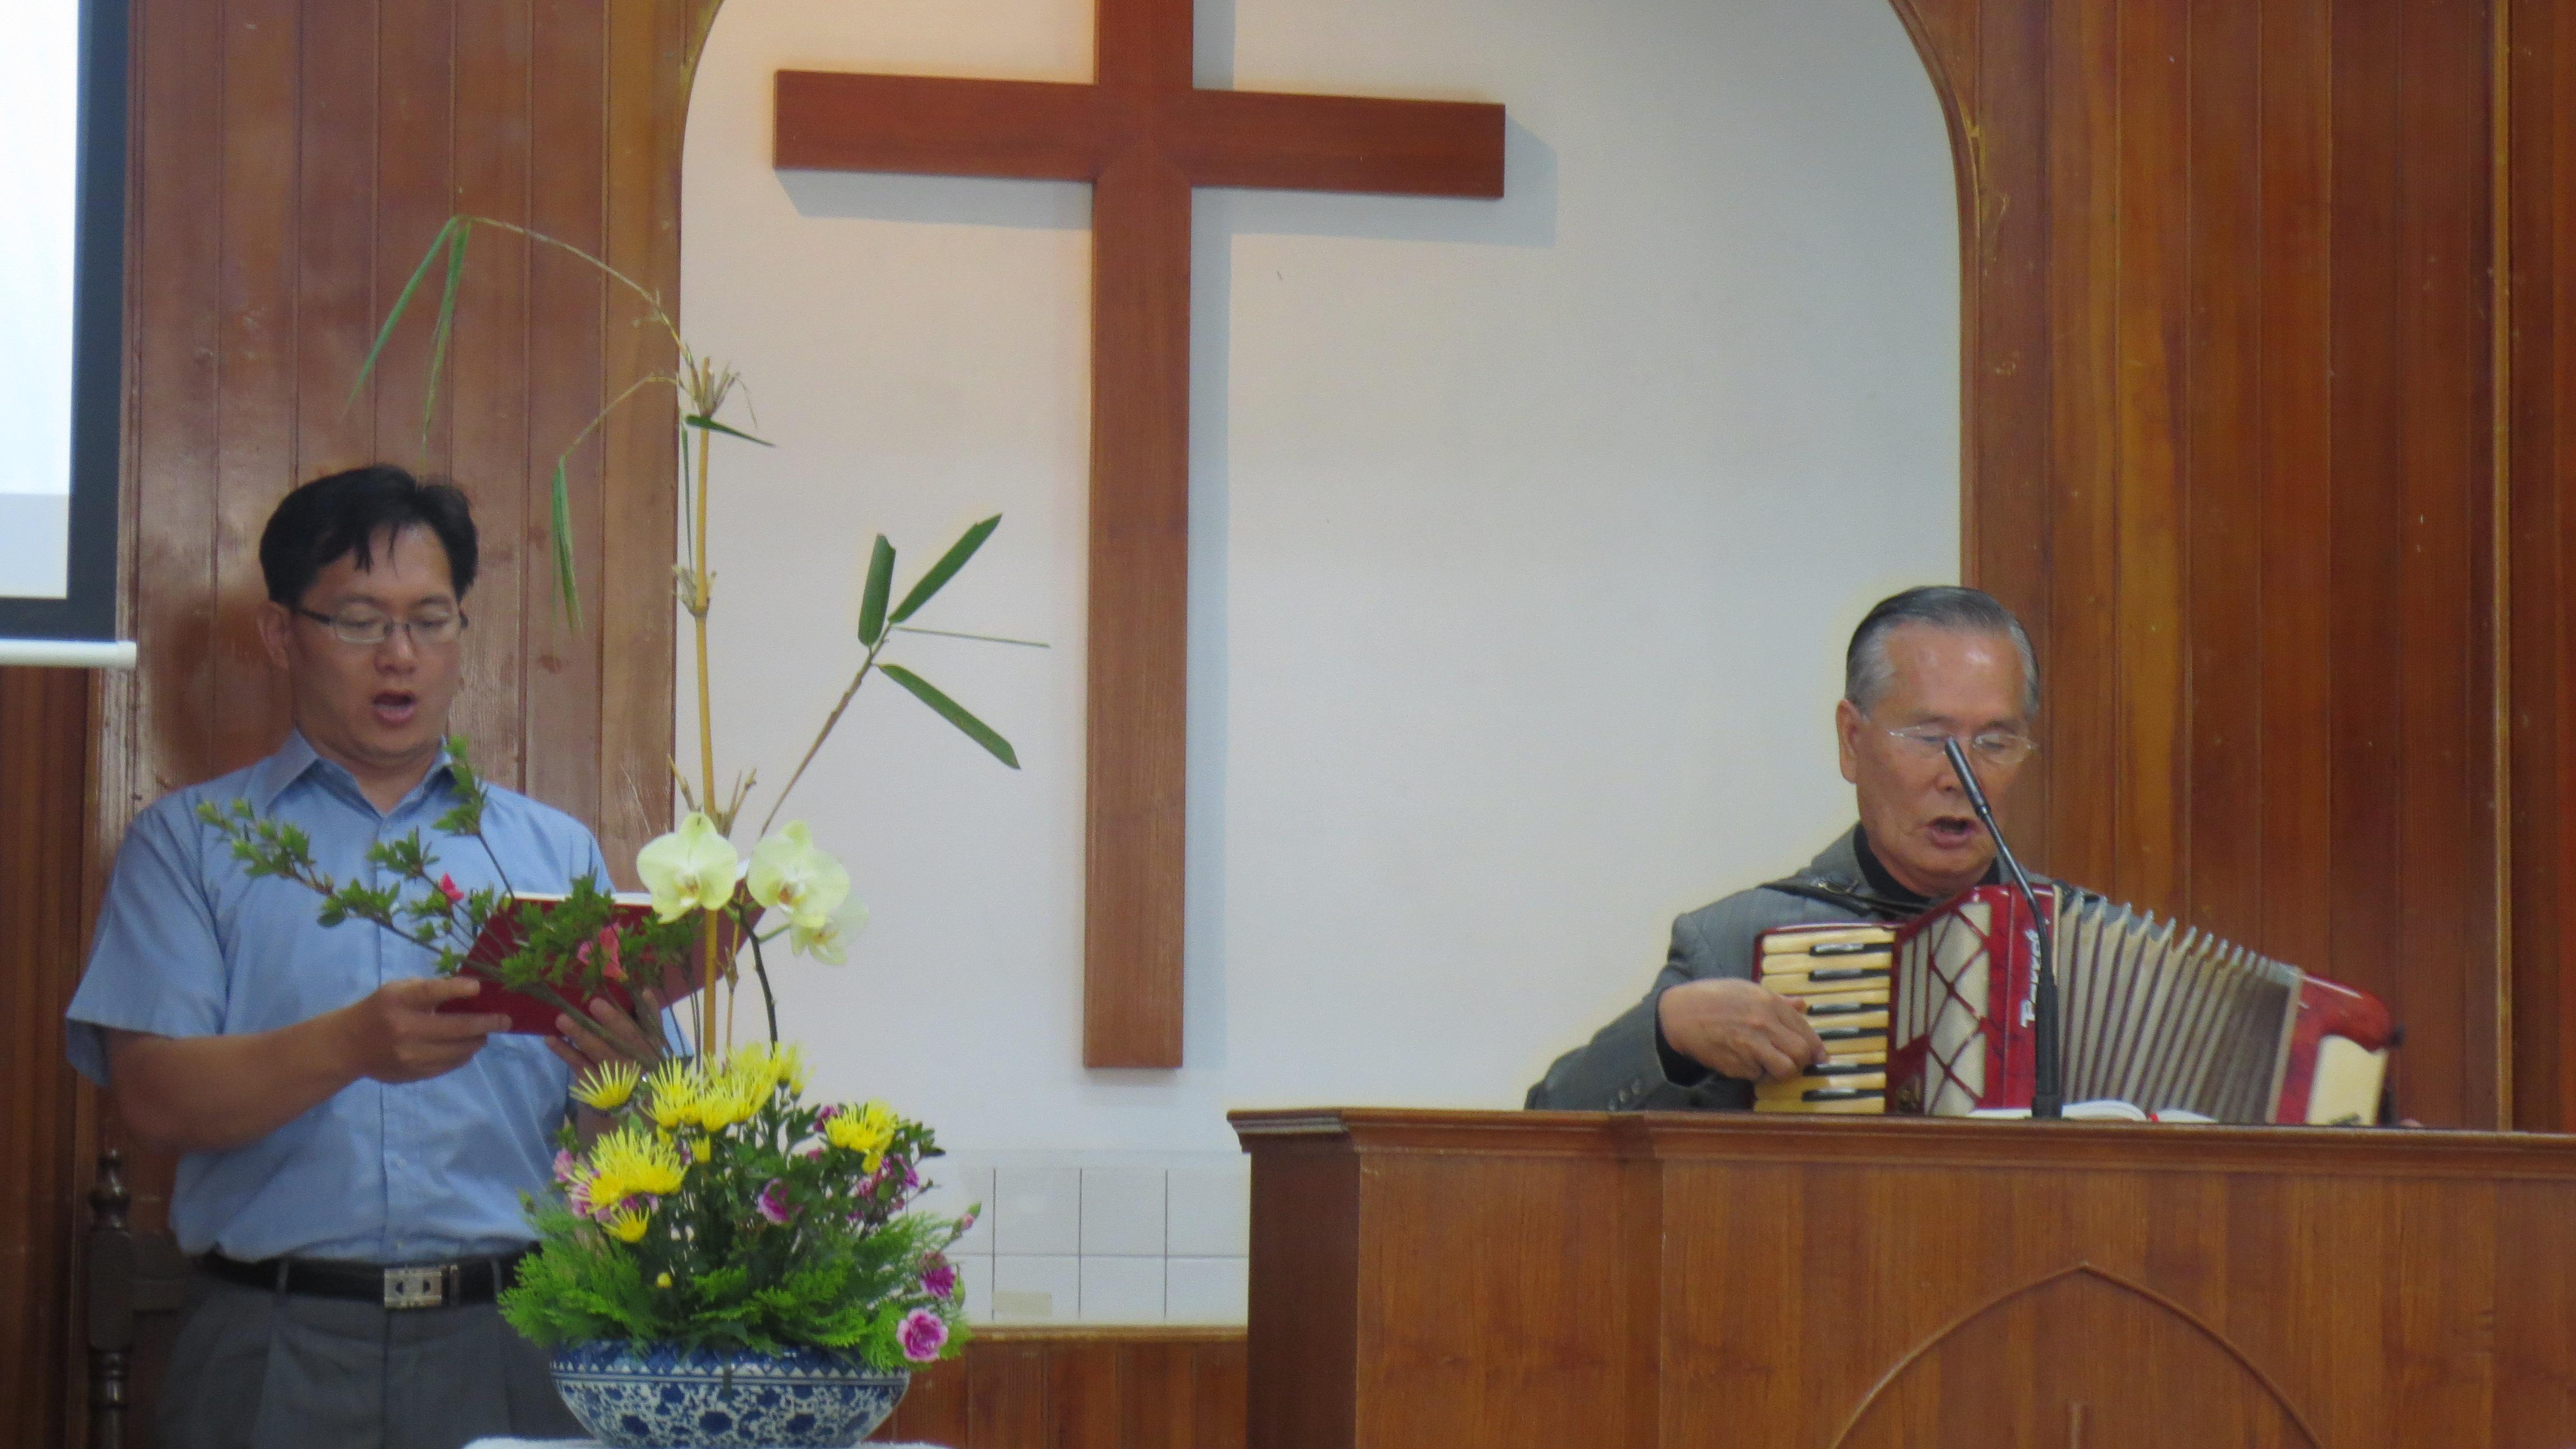 張忠 牧師的分享: 耶穌…我們的好朋友! 我們是平行關係! | DIANA LEE立志作智慧小婦人